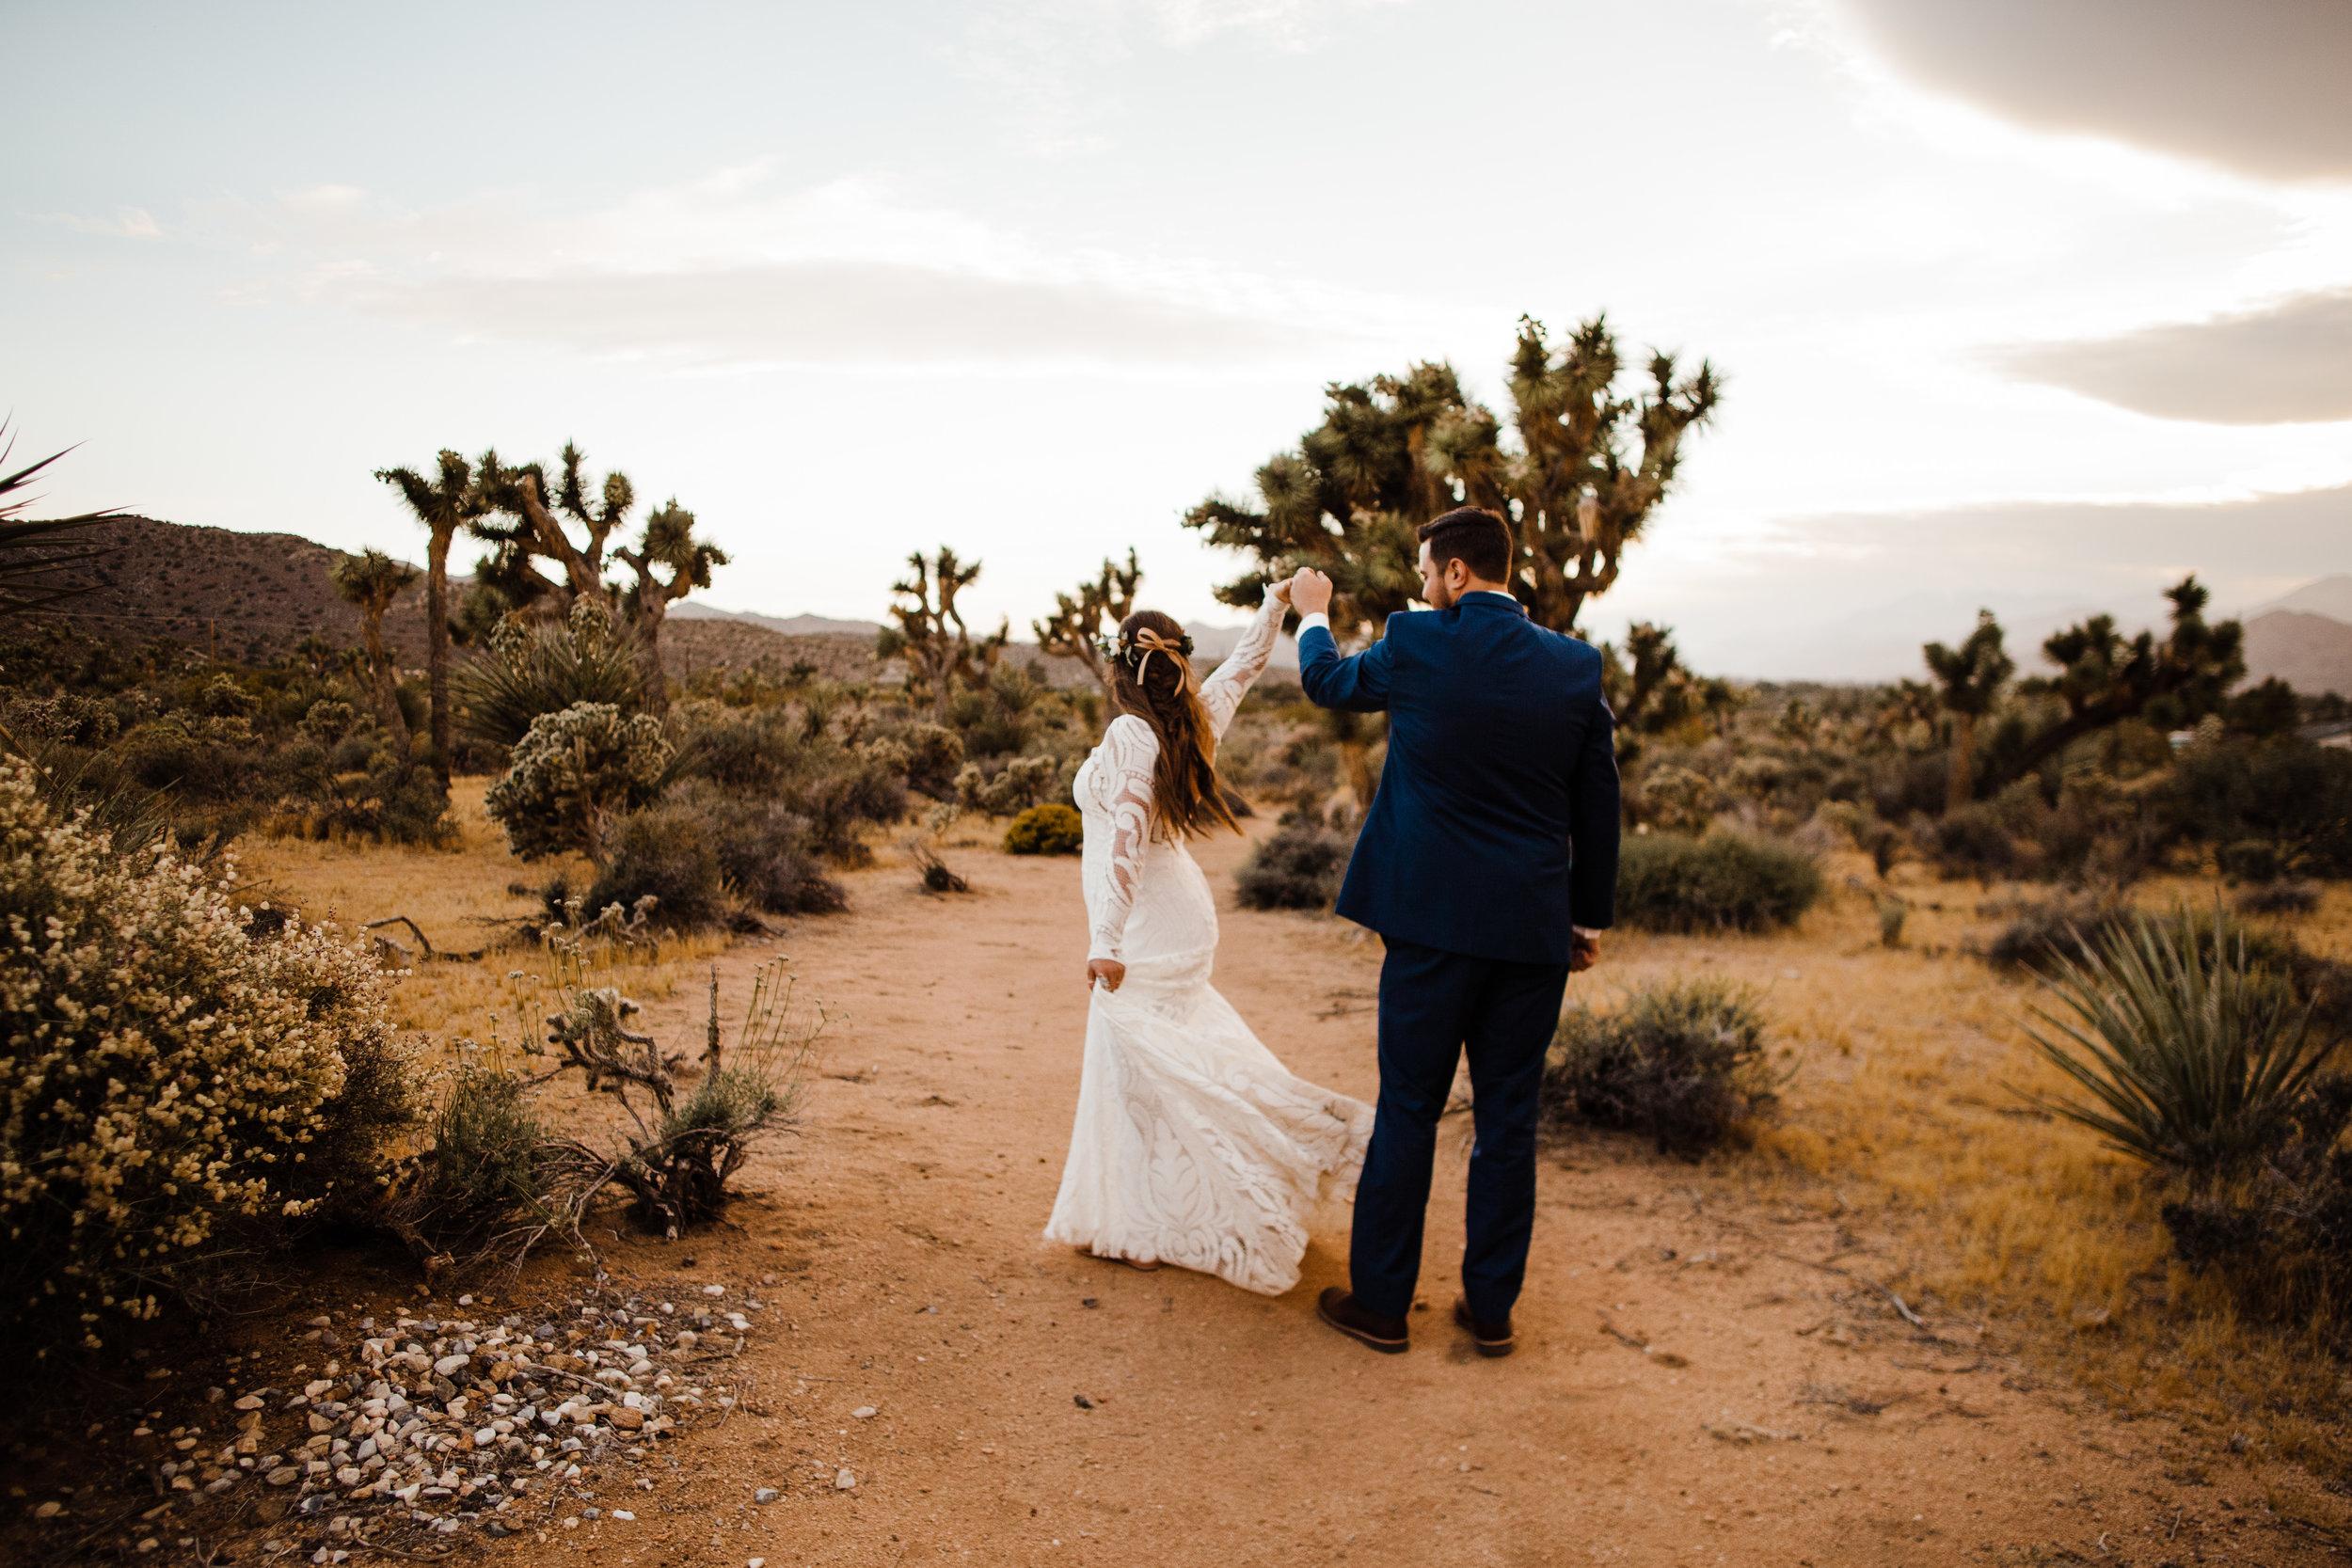 bride and groom dancing in the desert of joshua tree being tumbleweed wedding venue